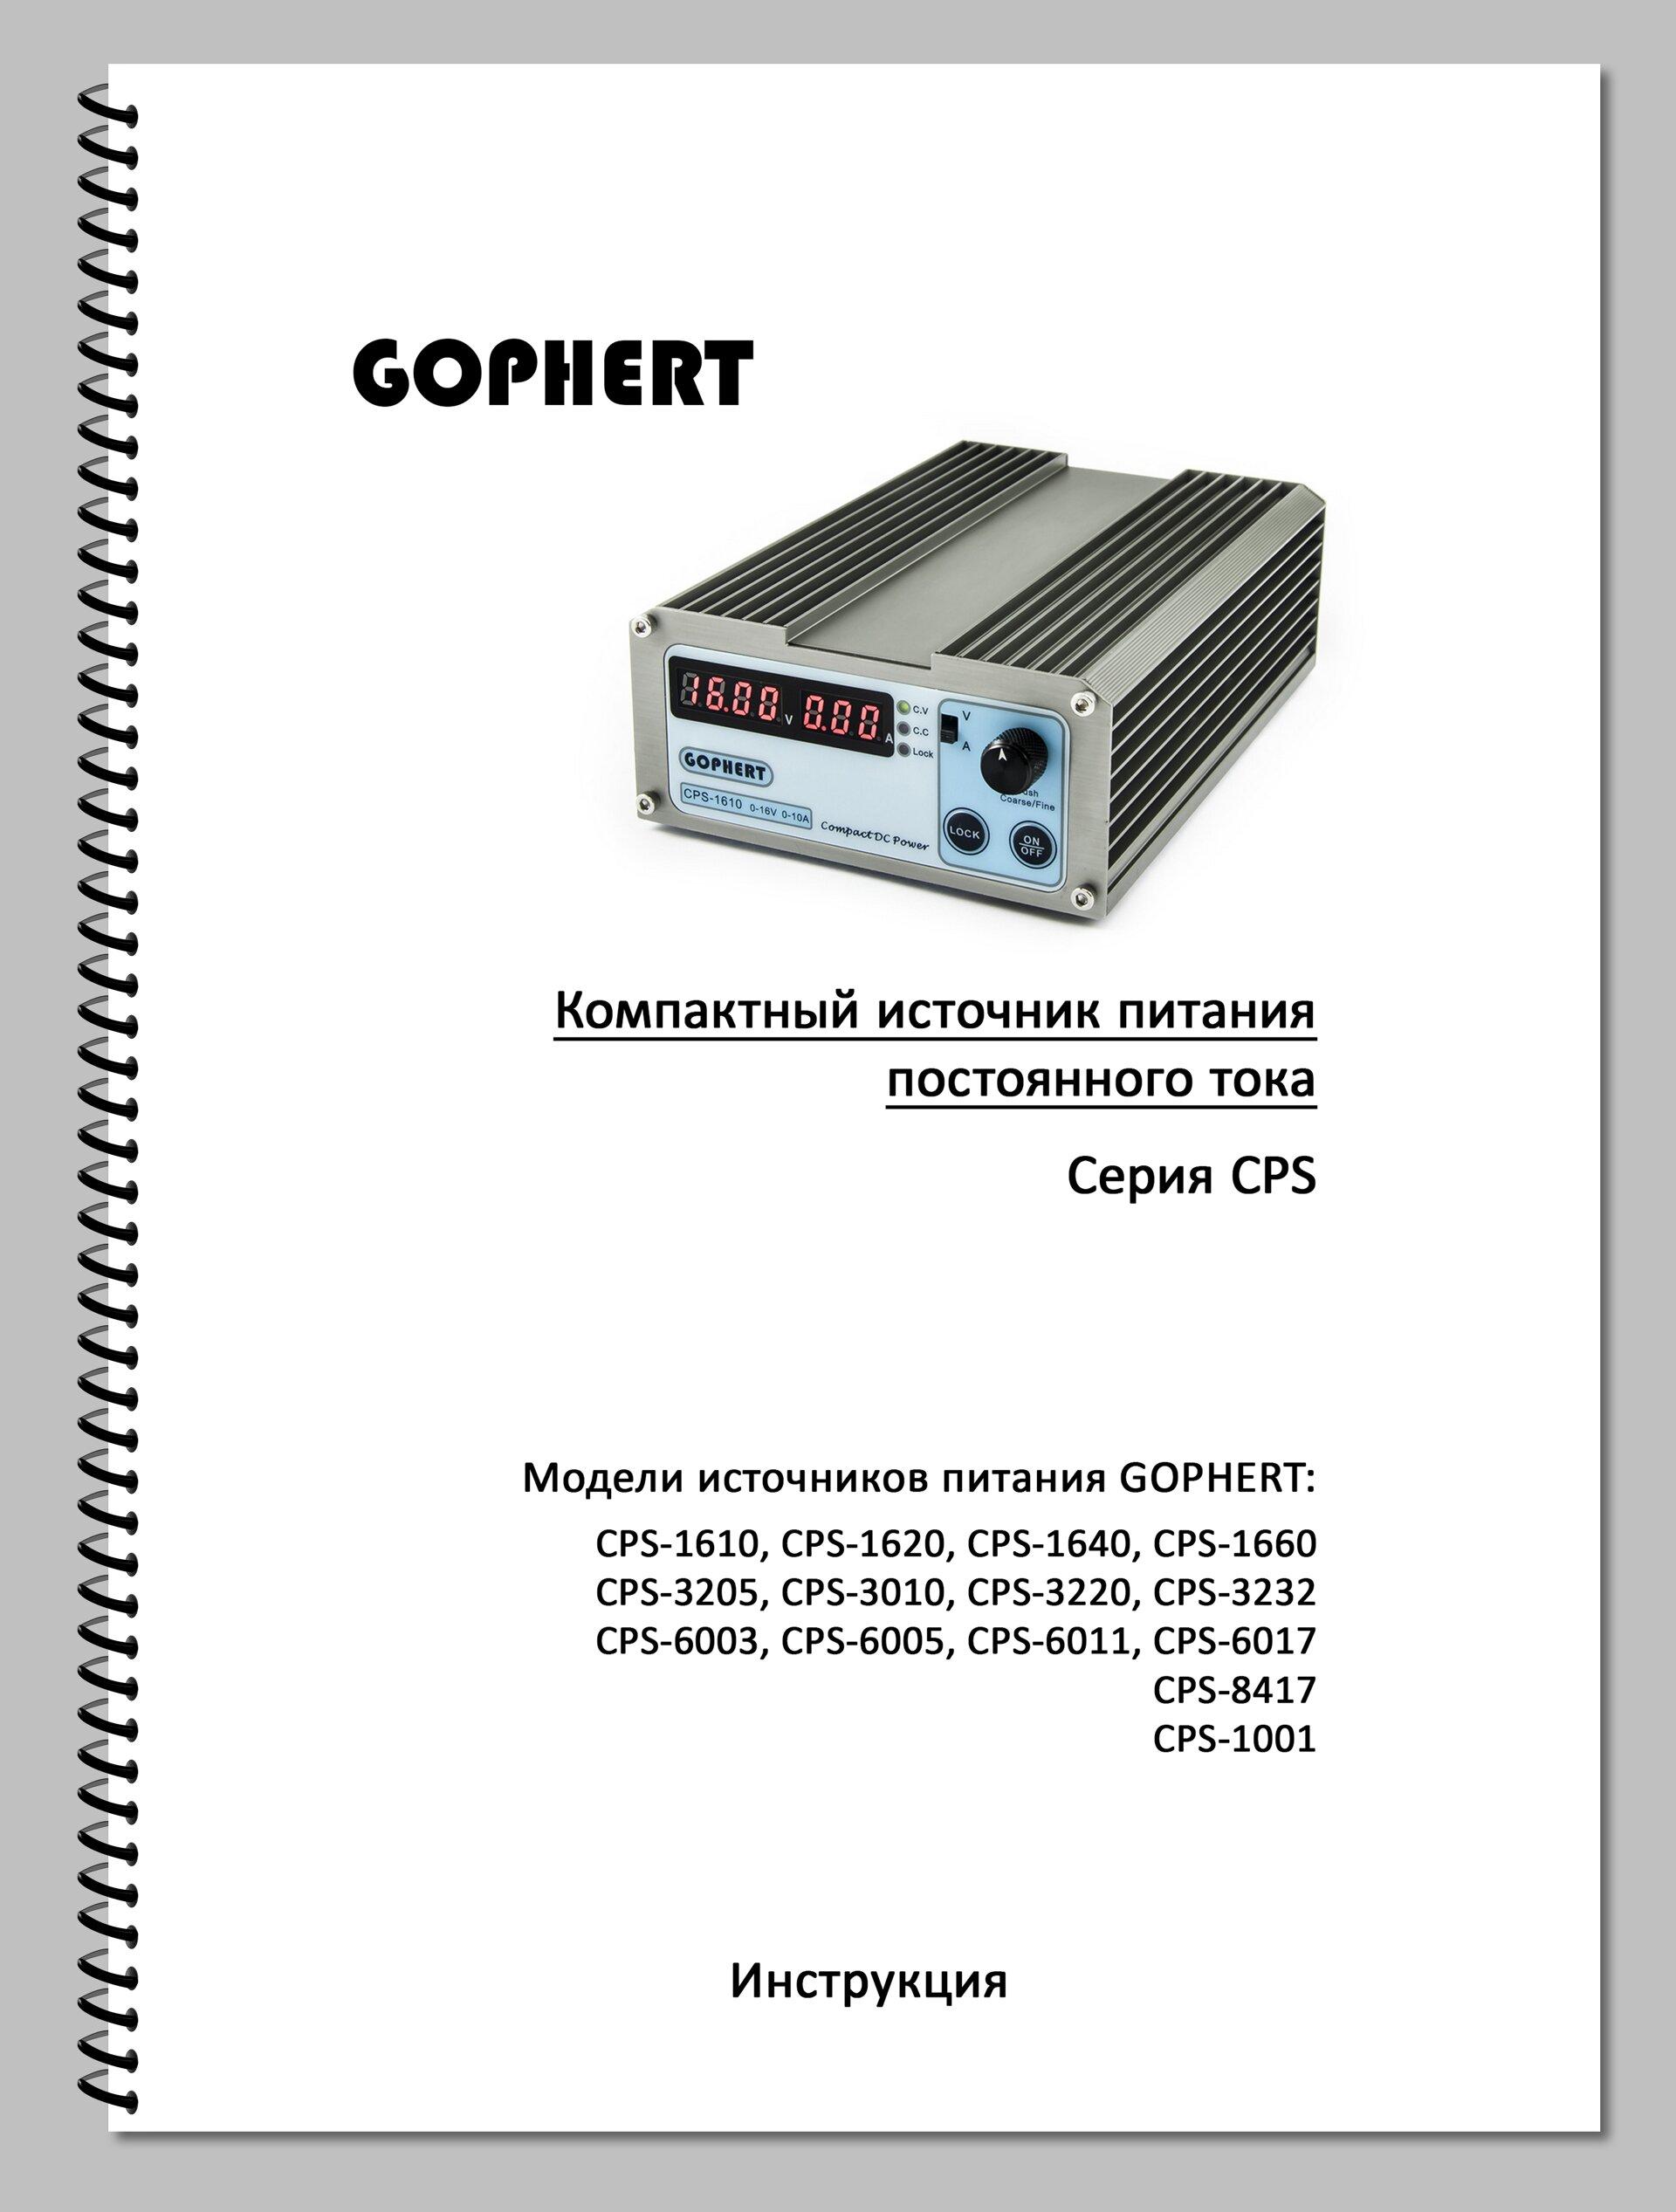 Gophert руководство пользователя, инструкция, паспорт